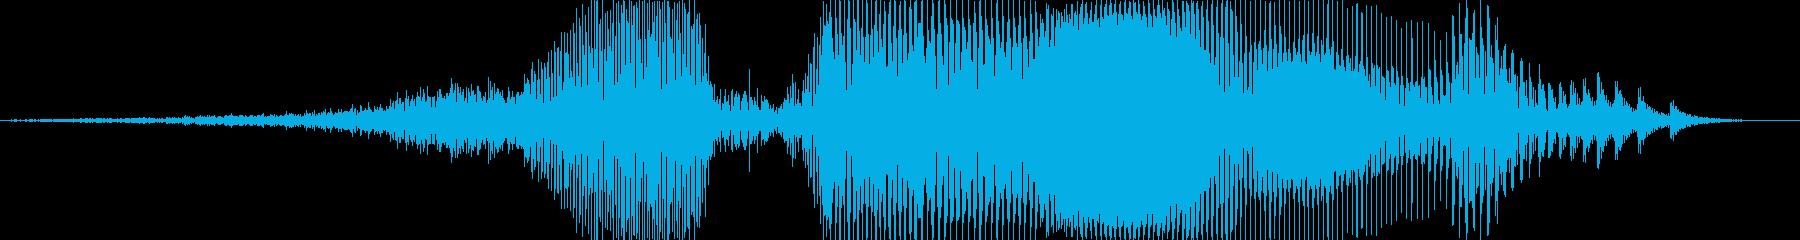 すごいっ!の再生済みの波形